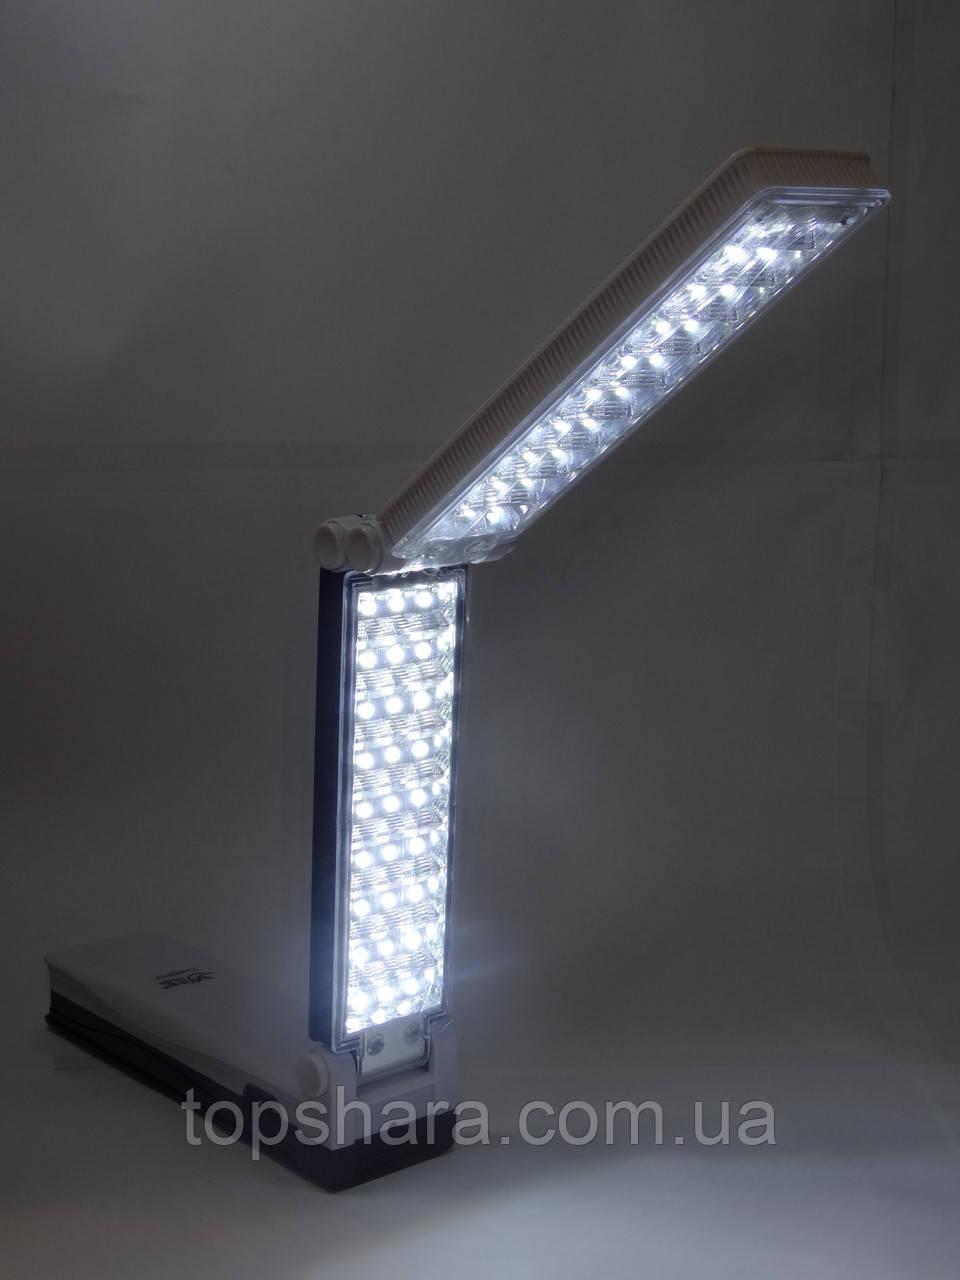 Настольный аккумуляторный фонарь Yajia YJ-6830TP, светодиодный светильник